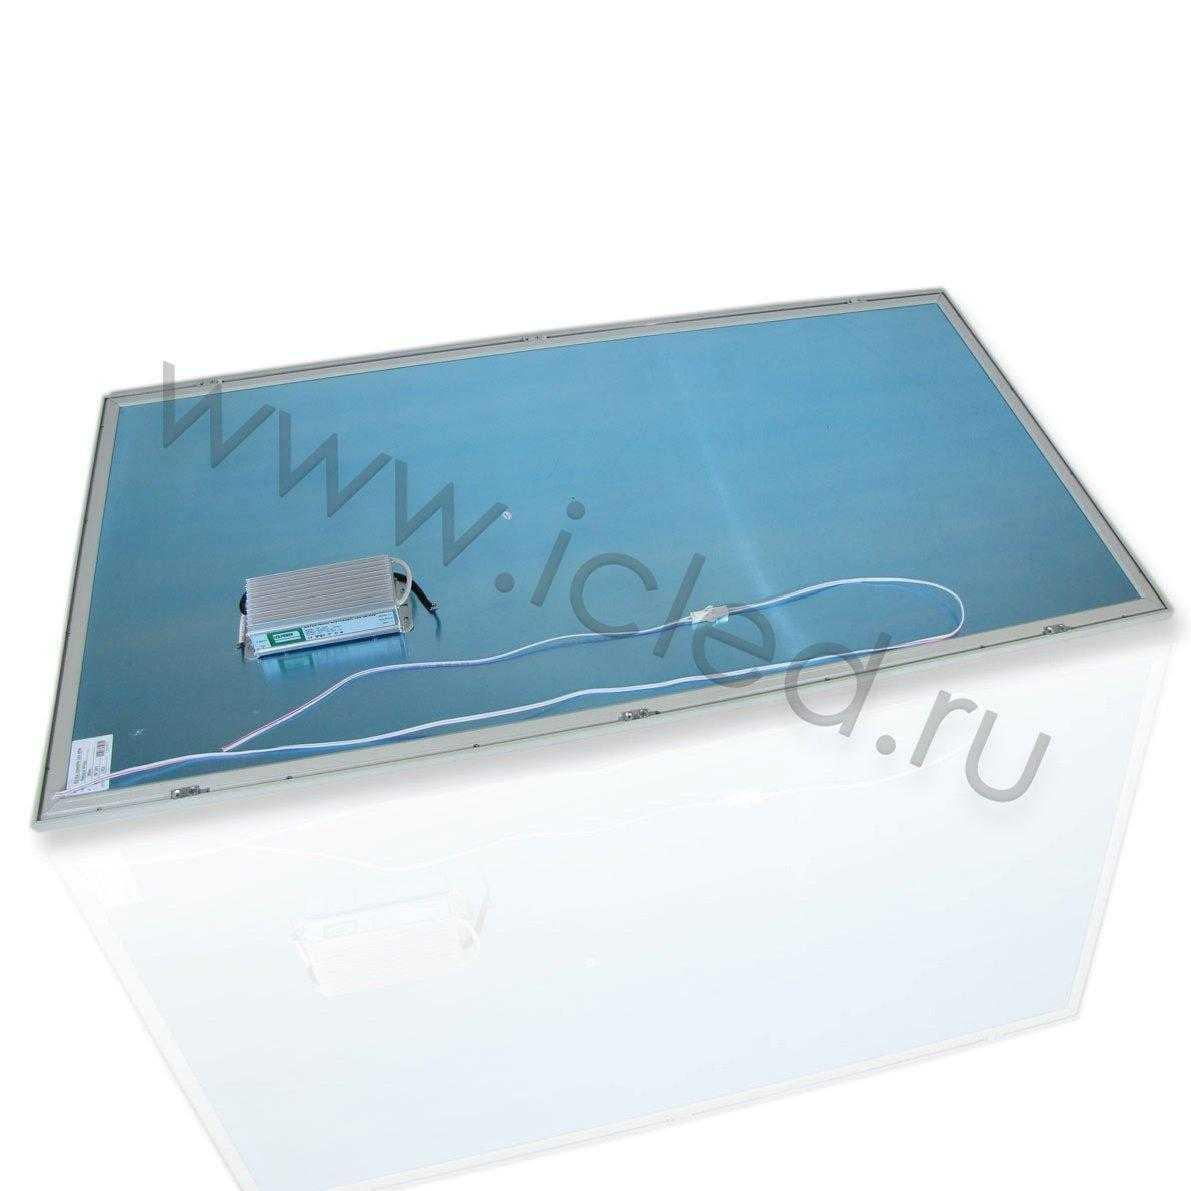 Светодиодная панель 600x1200 (90W, 220V, Day White)